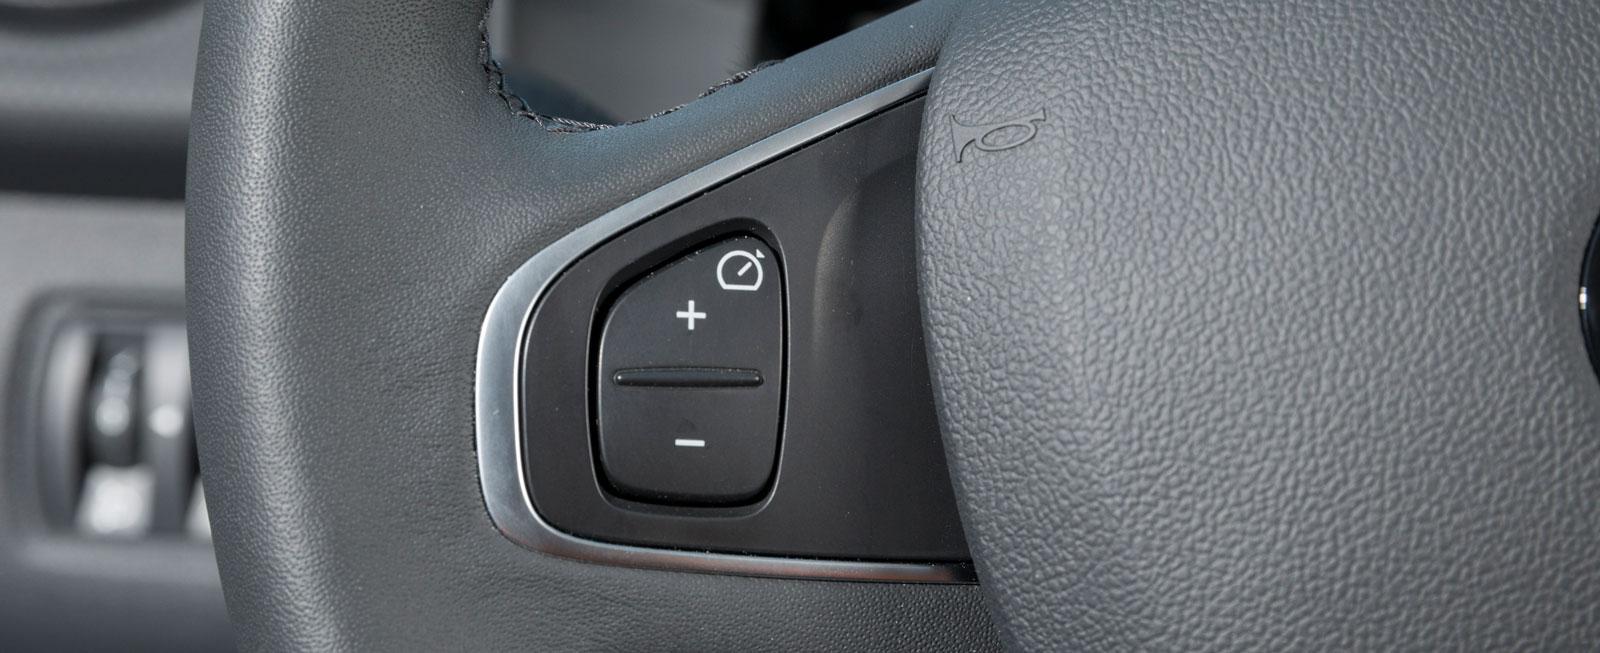 Farthållarens reglage i ratten är enkelt och bra men det gäller att ha slagit på strömbrytaren först. Den finns mellan stolarna.